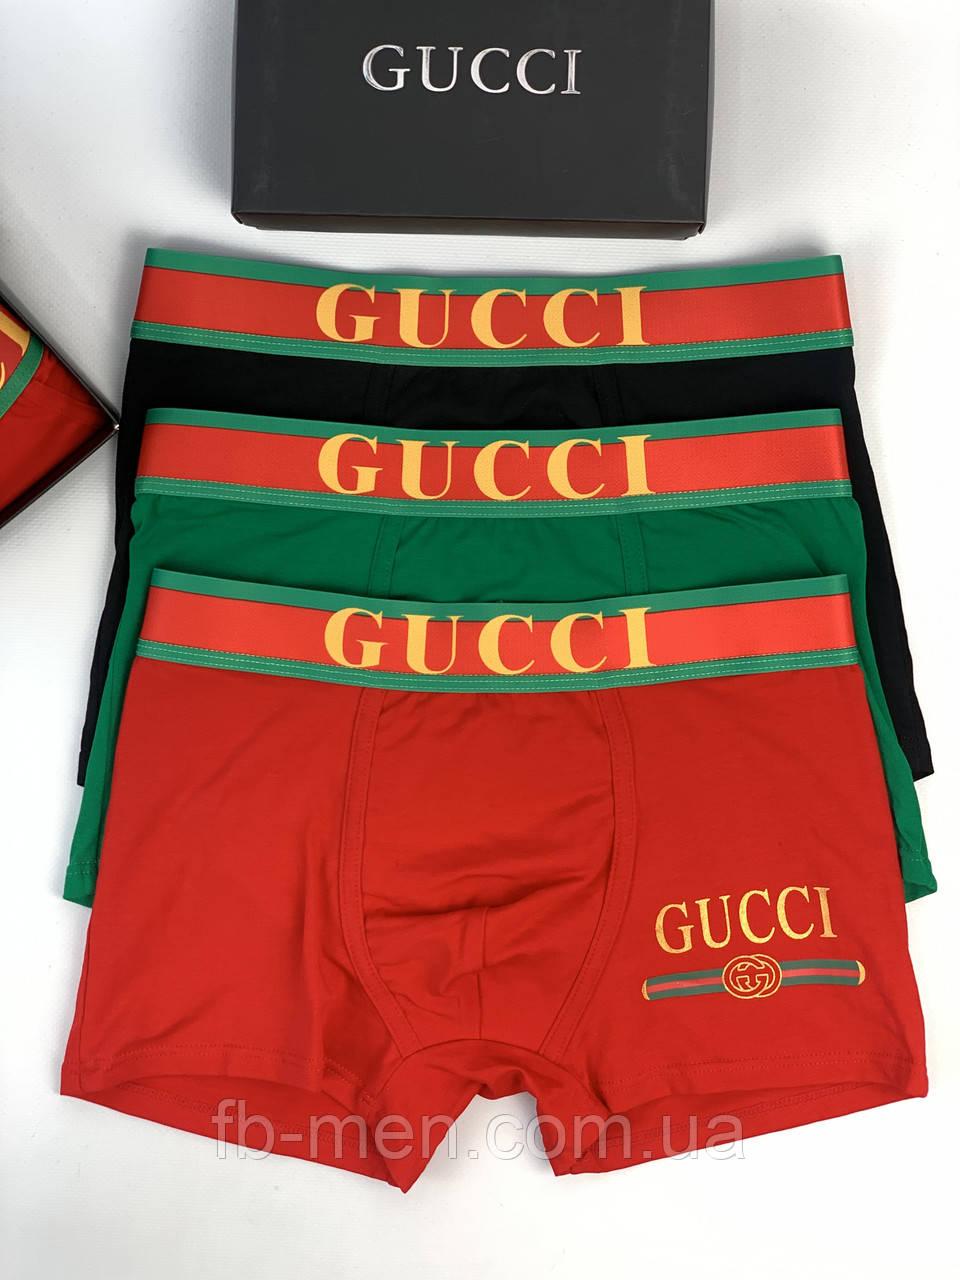 Мужской набор белая Gucci | Трусы мужские в подарочной коробке Гучи | Боксеры мужские Гуччи хлопок 3 штуки